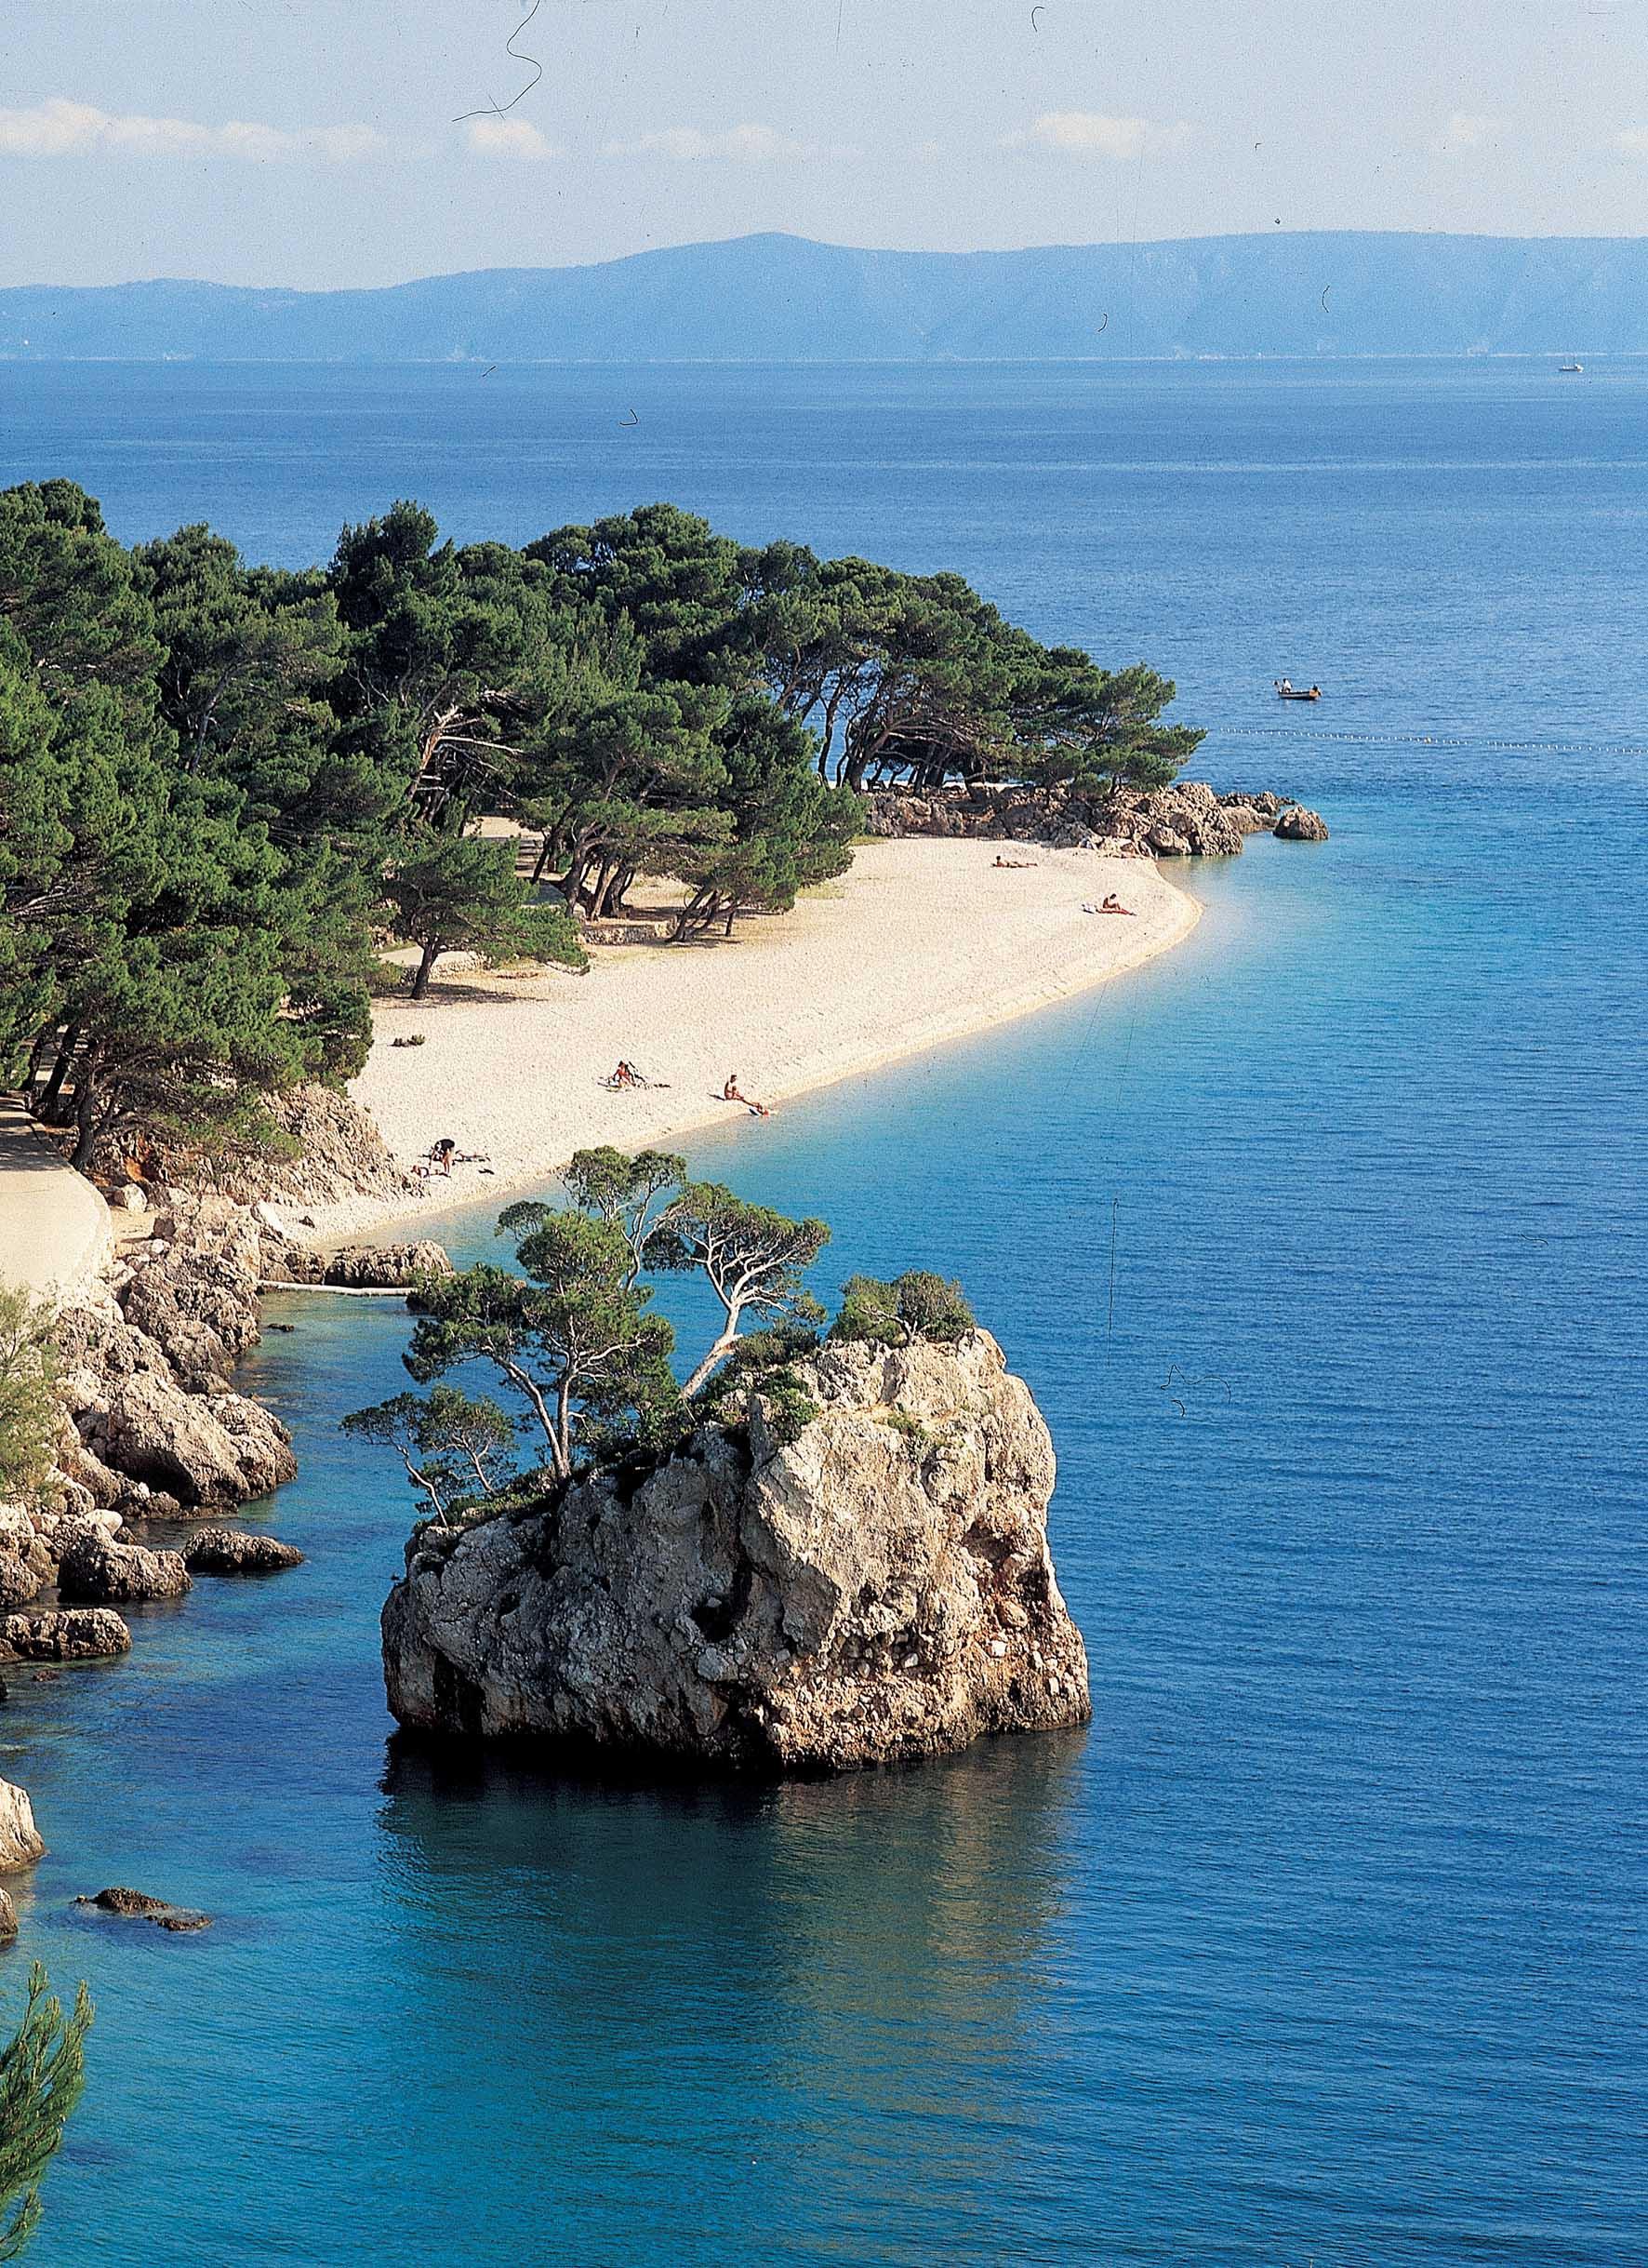 croazia-spiaggia-penisola-alberi-ilnordestquotidiano